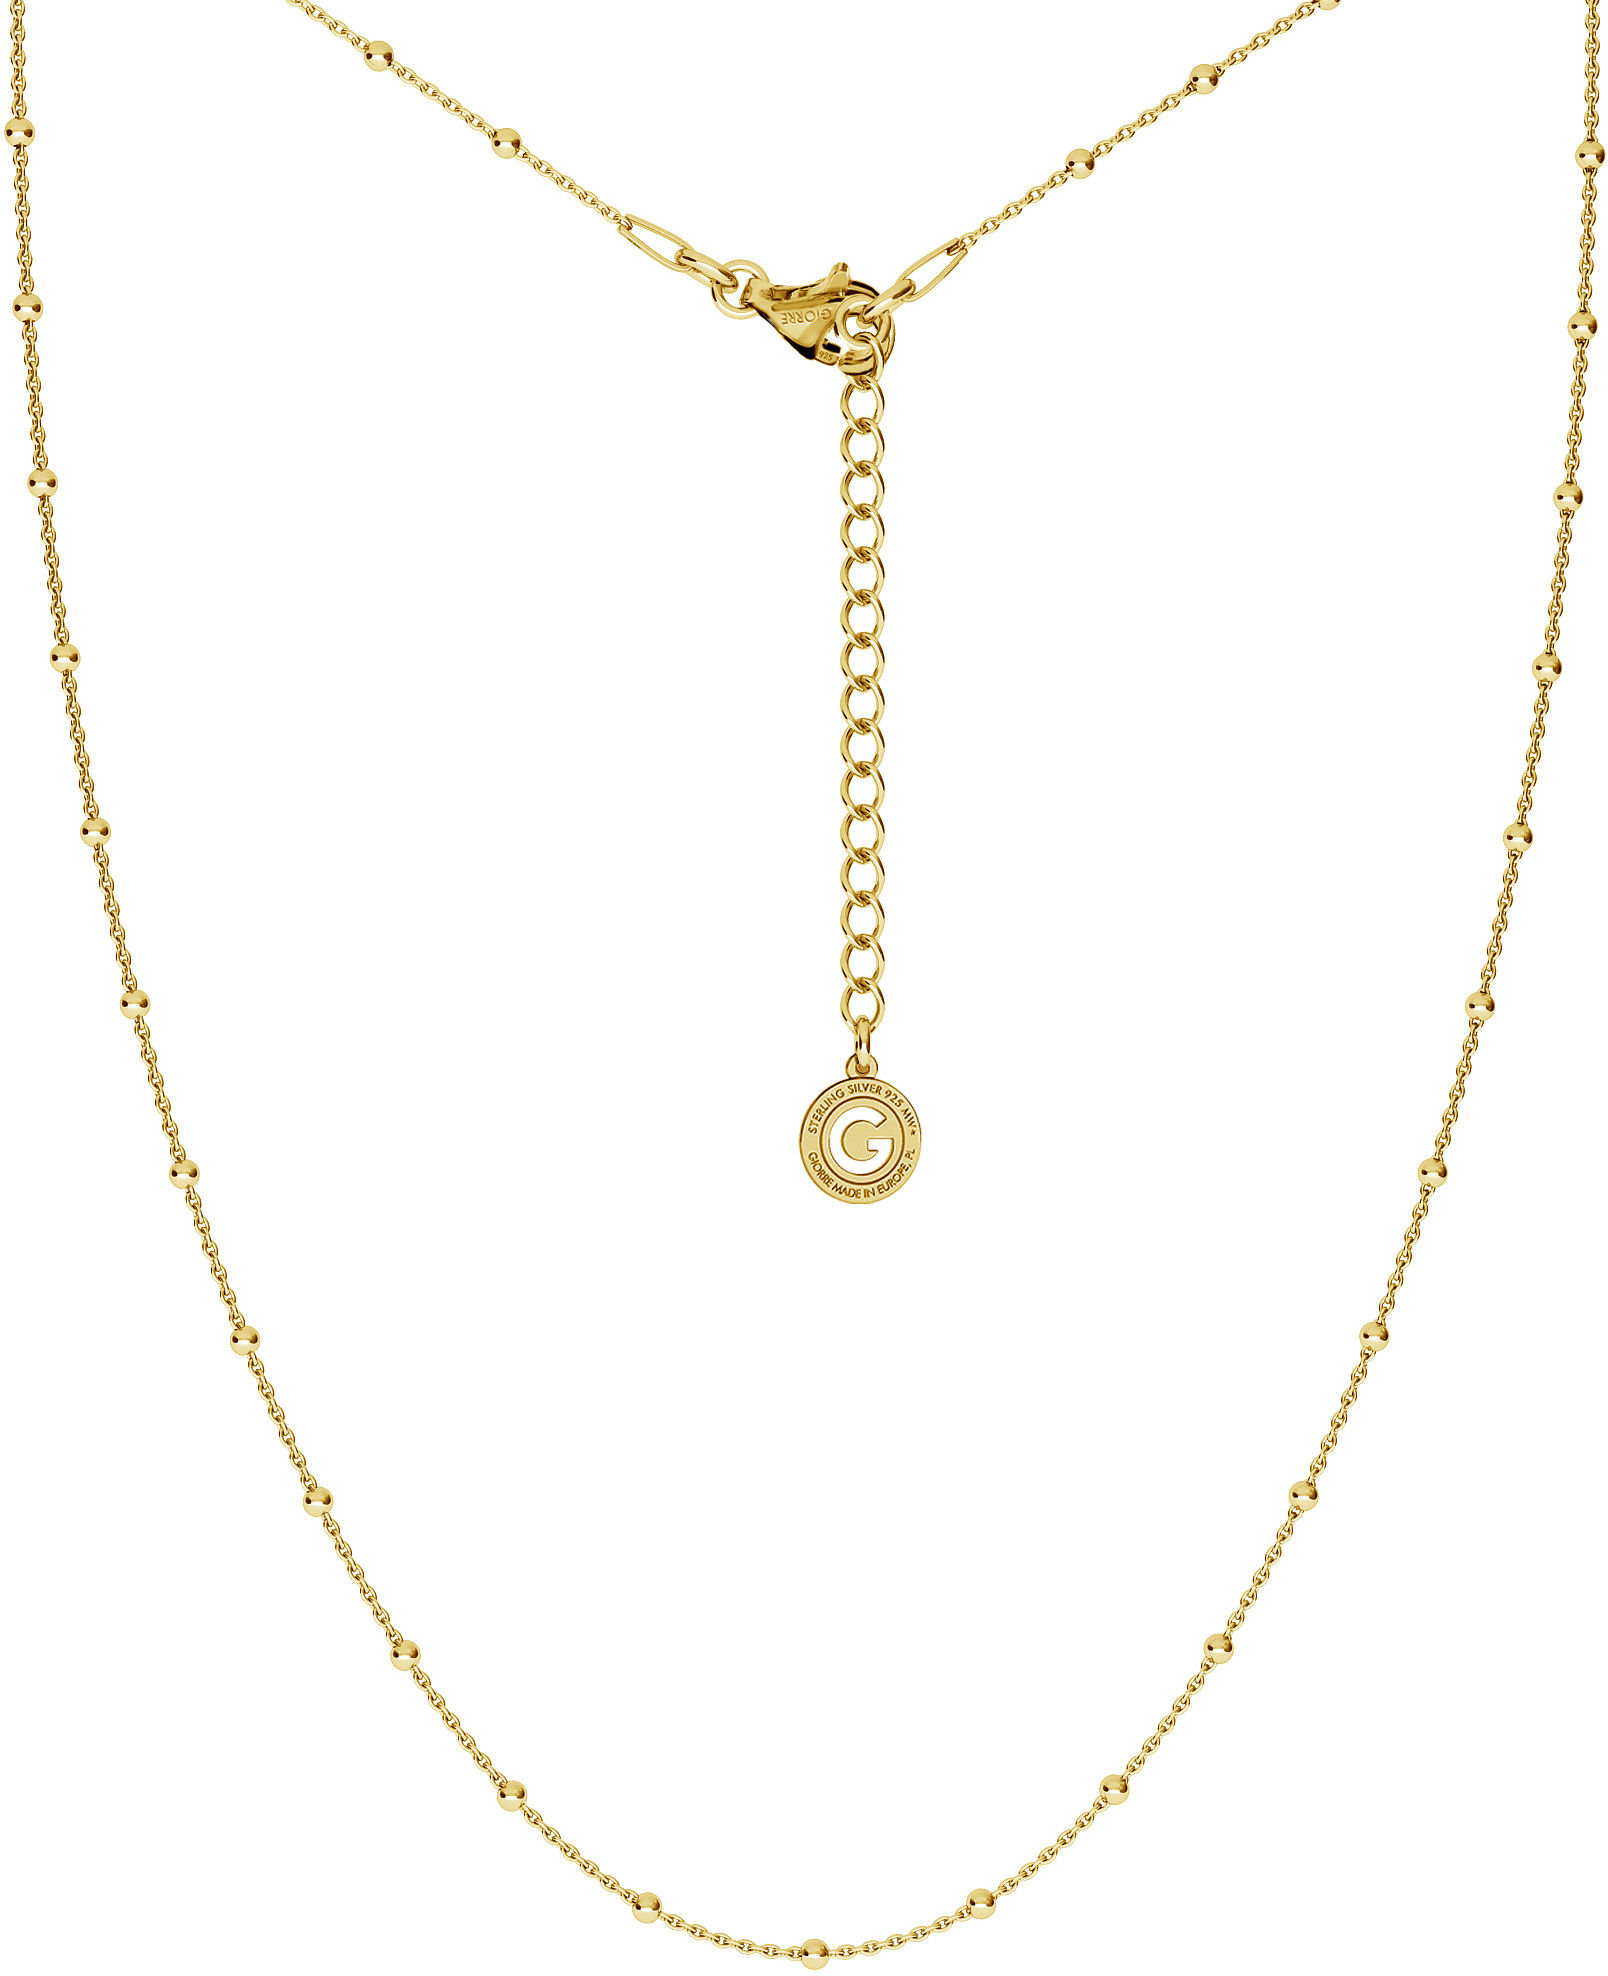 Srebrny delikatny łańcuszek ankier z kulkami, srebro 925 : Długość (cm) - 40 + 5 , Srebro - kolor pokrycia - Pokrycie żółtym 18K złotem